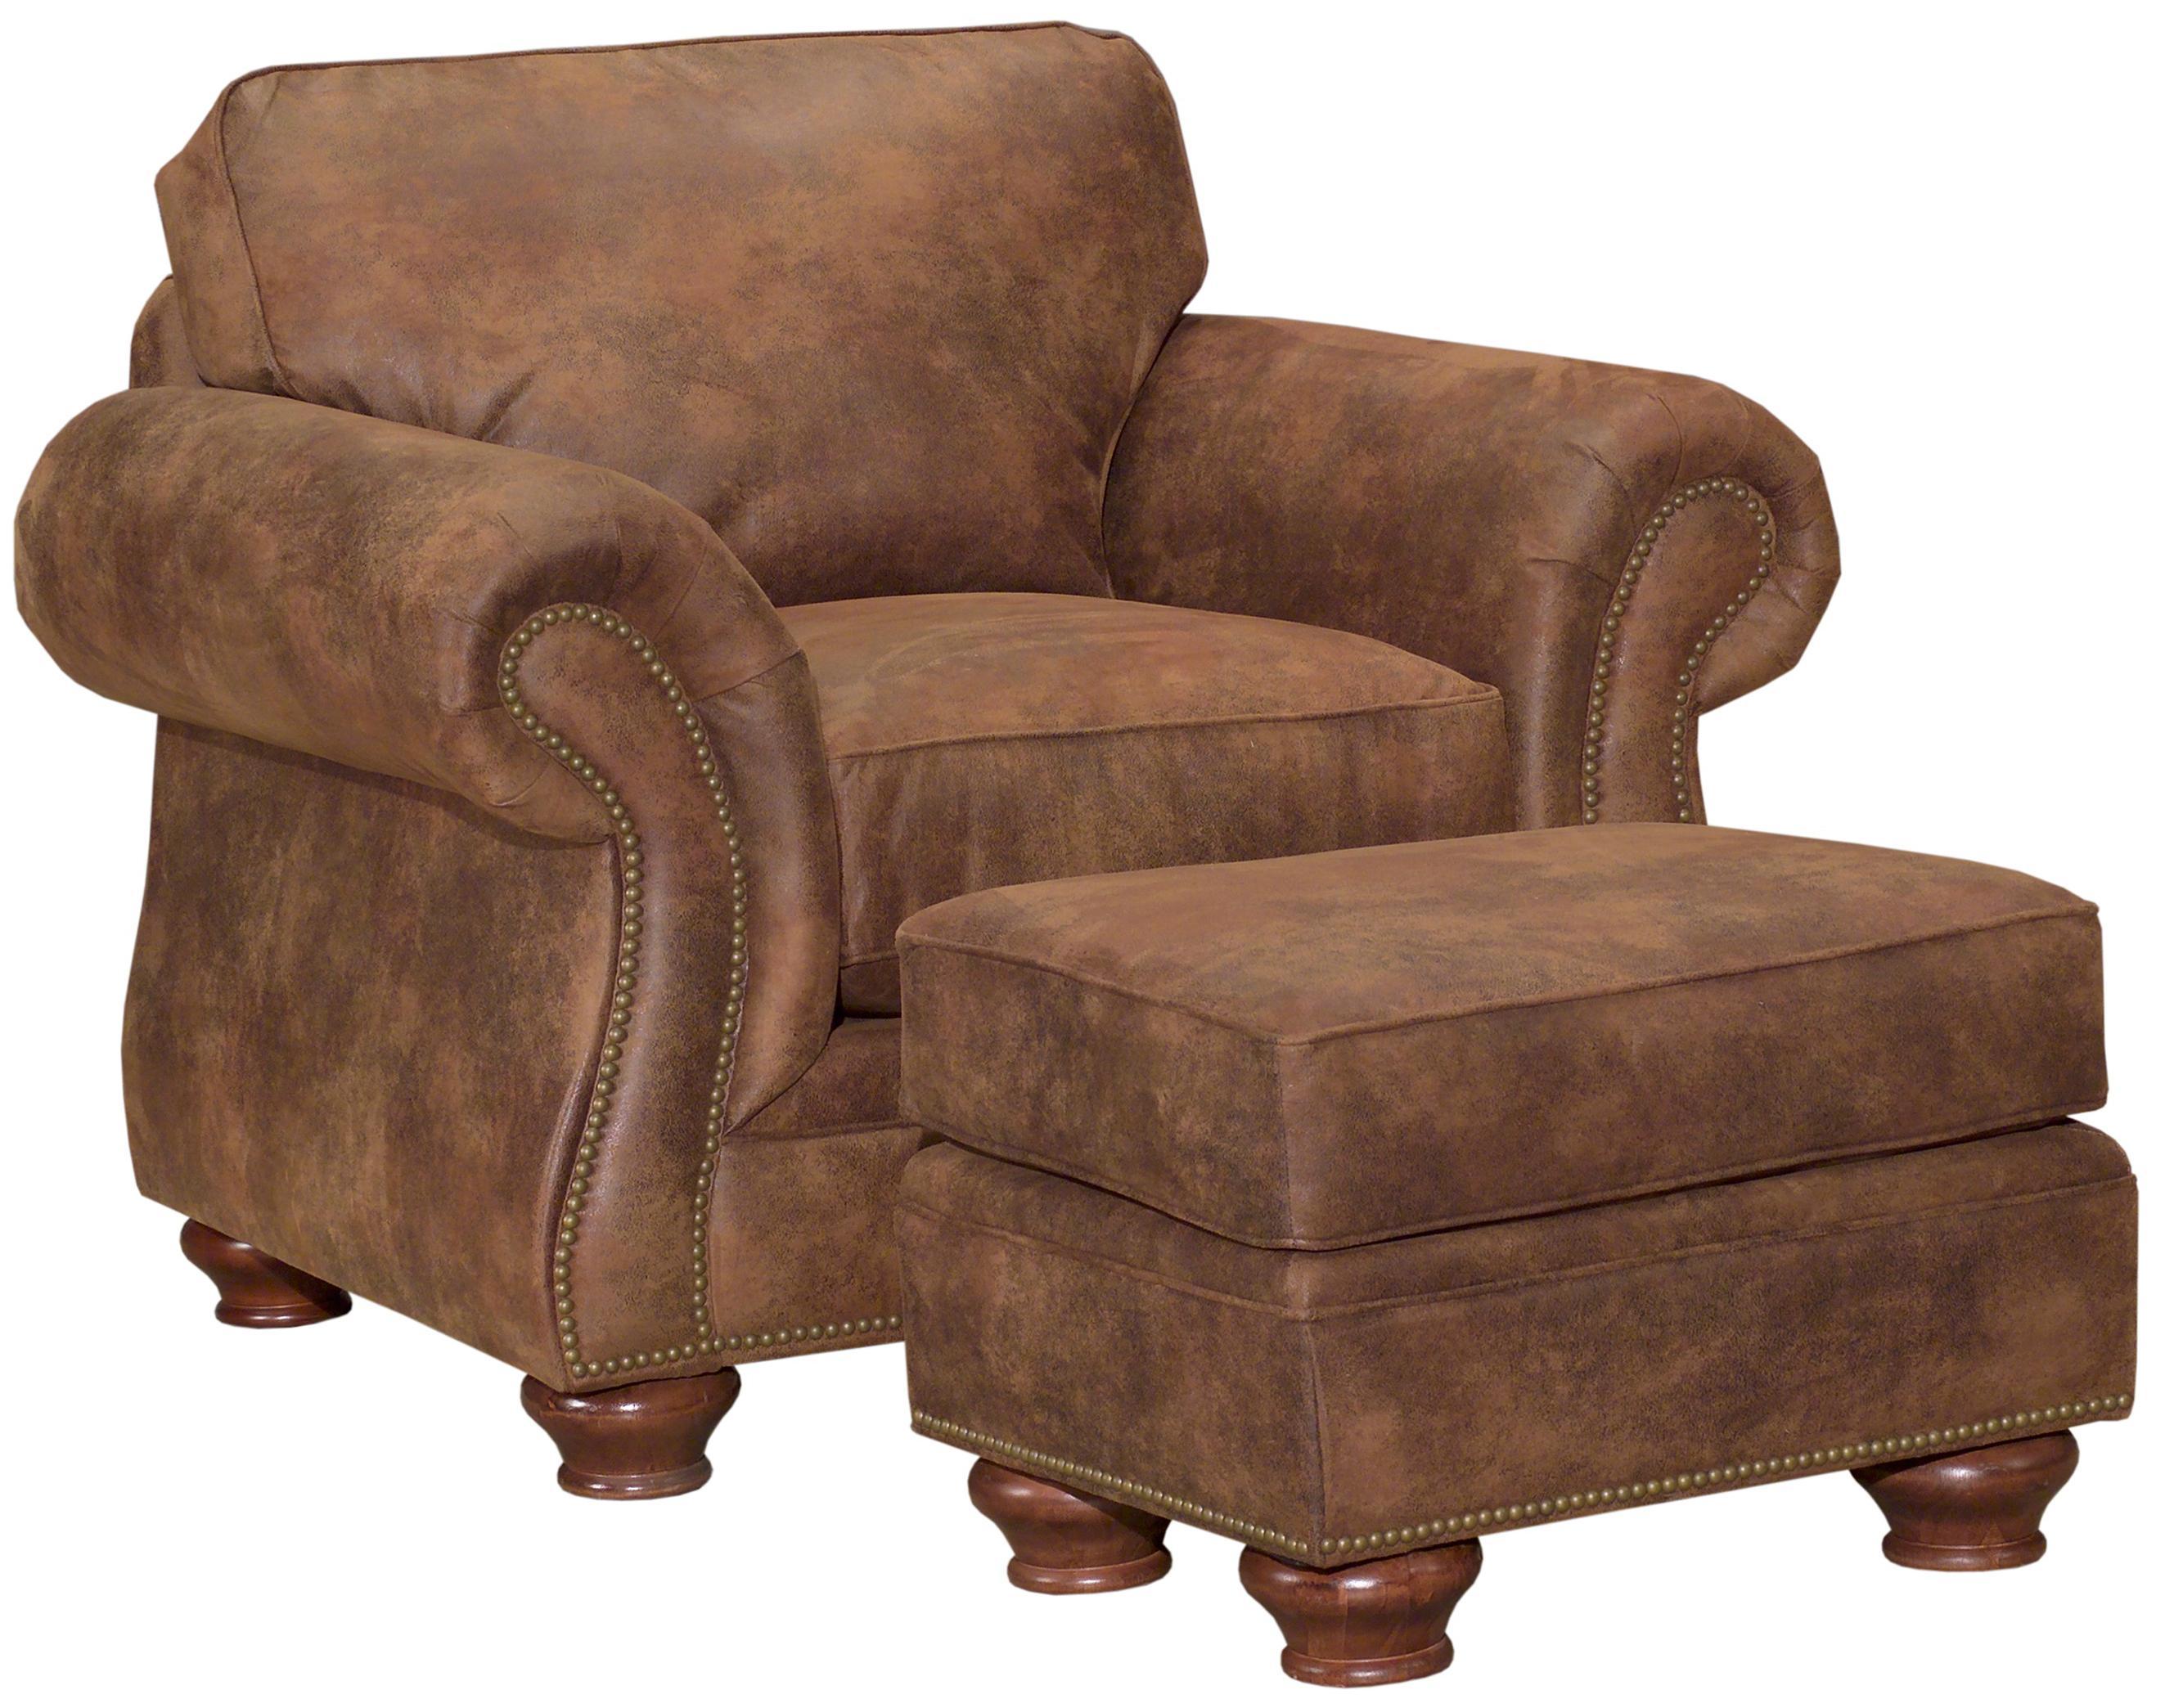 Living Room Chair And Ottoman Set Broyhill Furniture Laramie Chair And Ottoman Set W Nail Head Trim